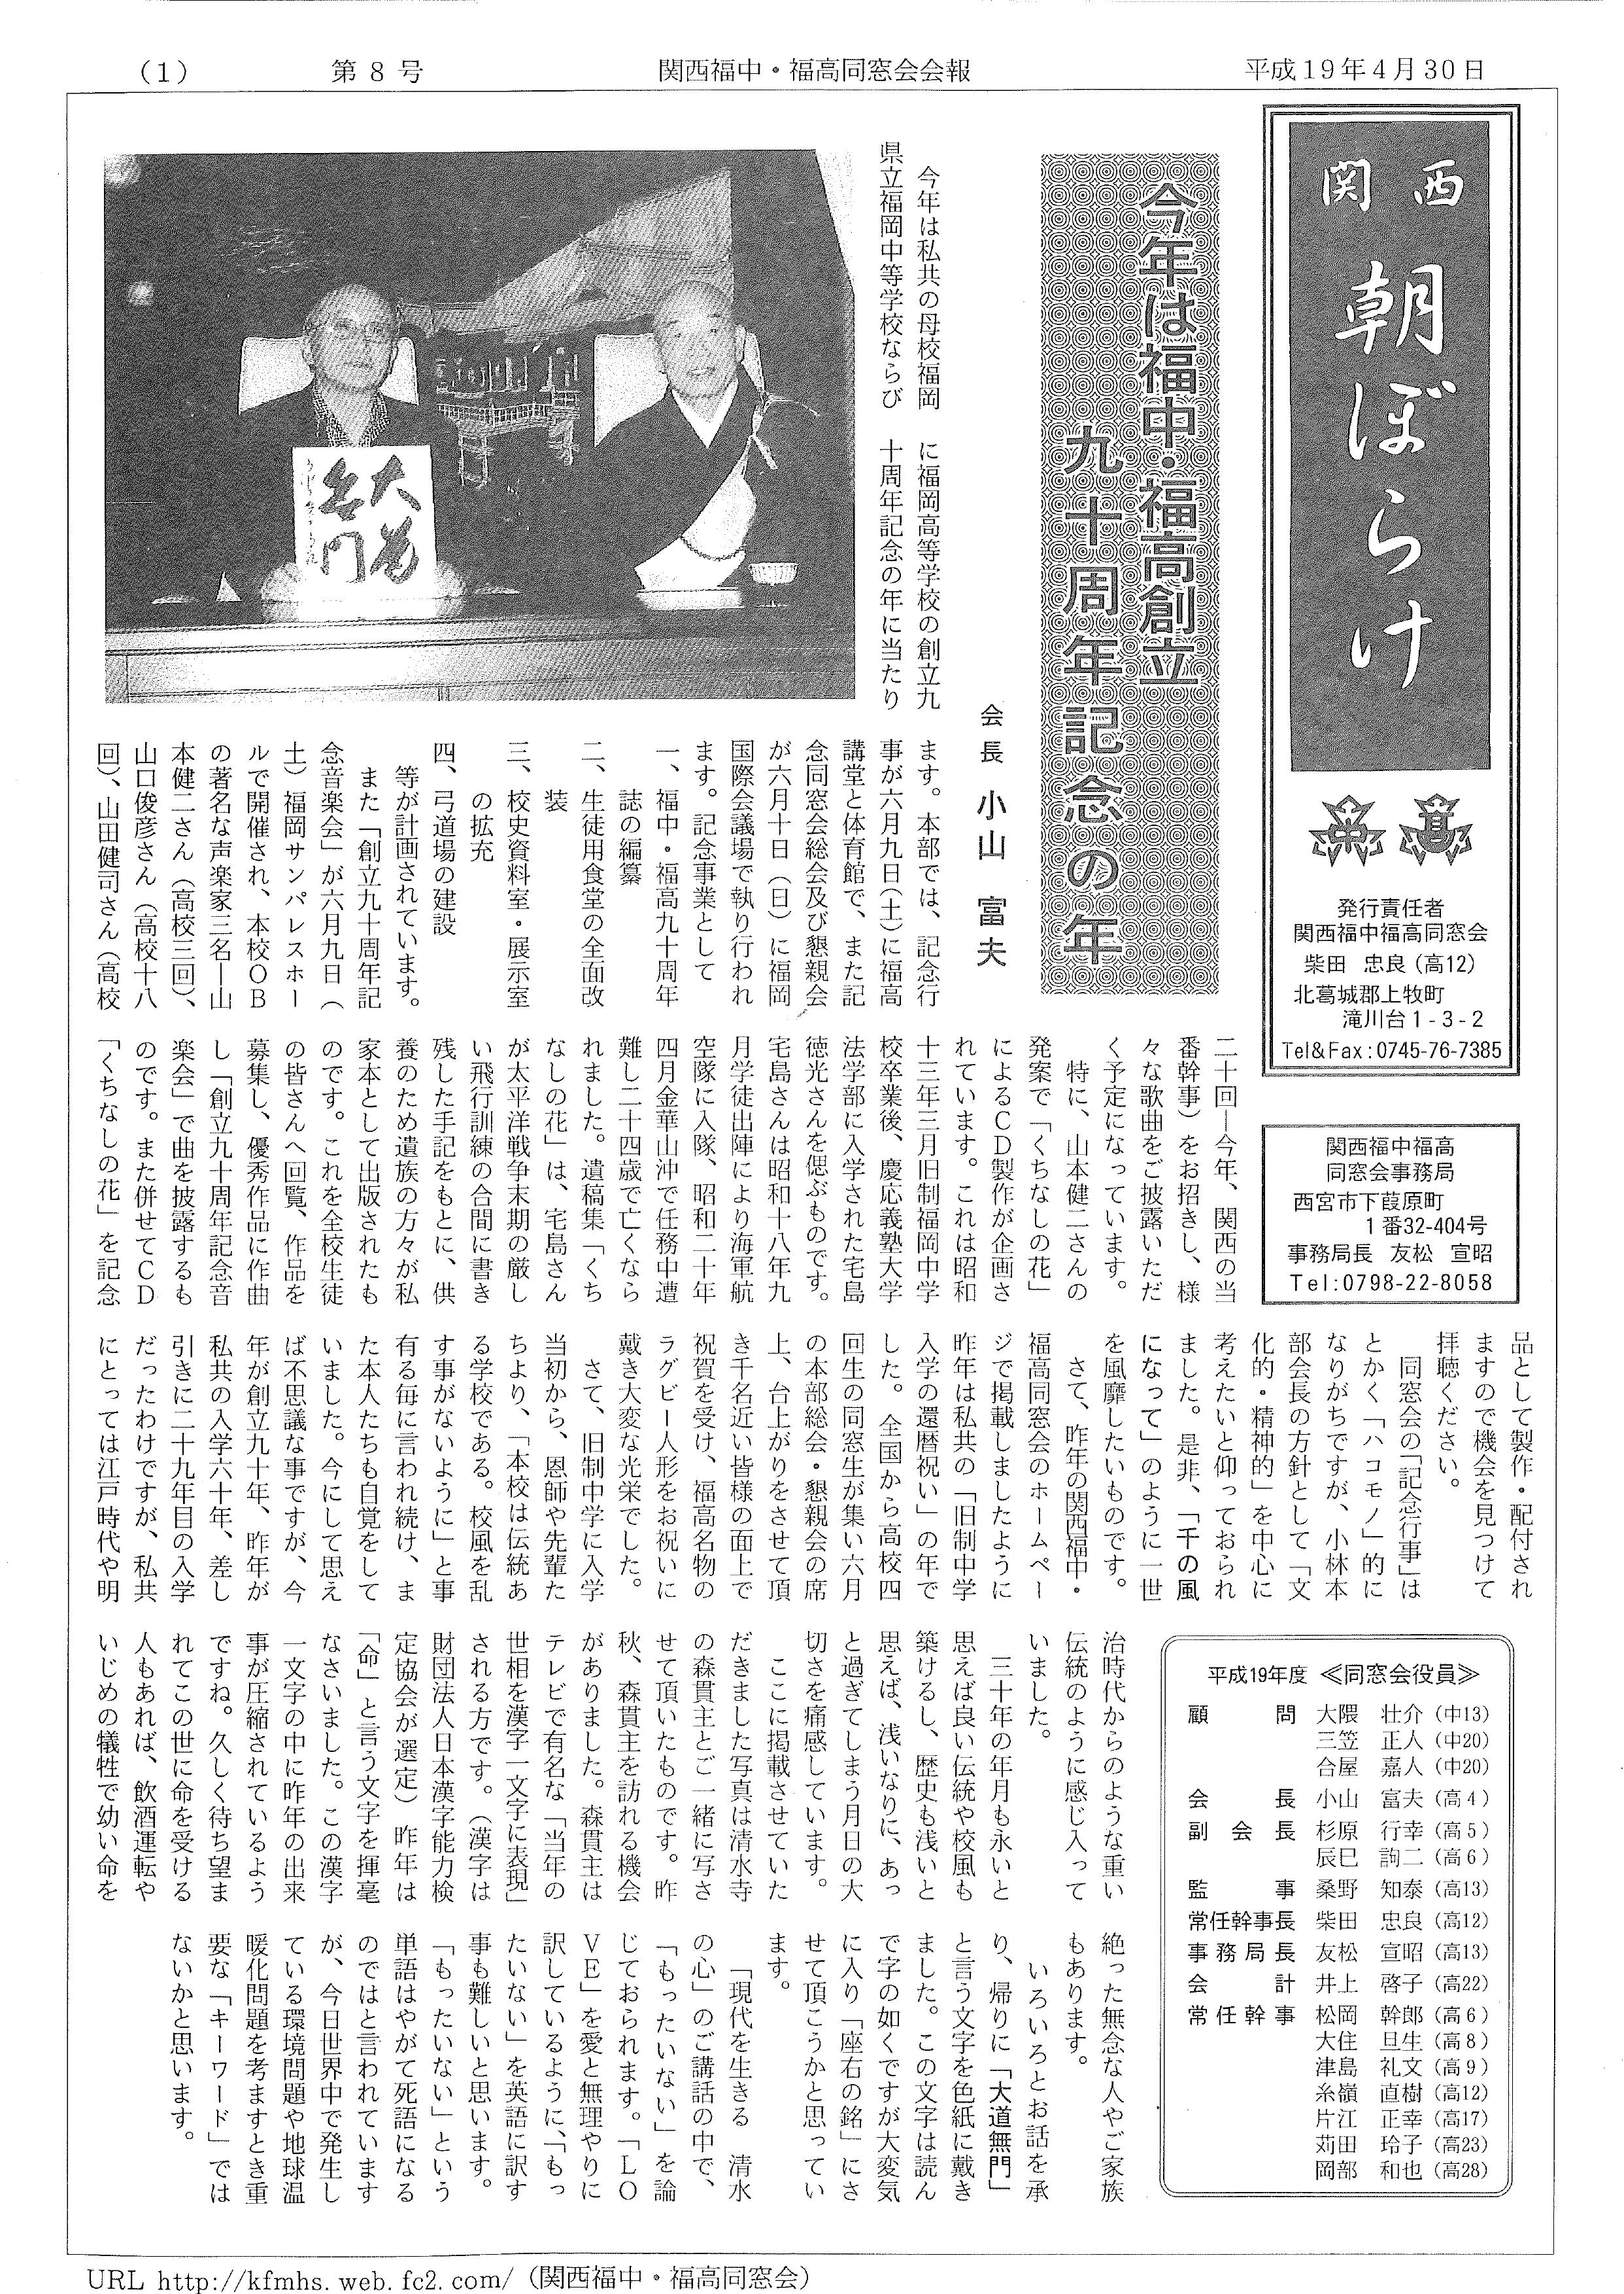 asa08_20070430_000001